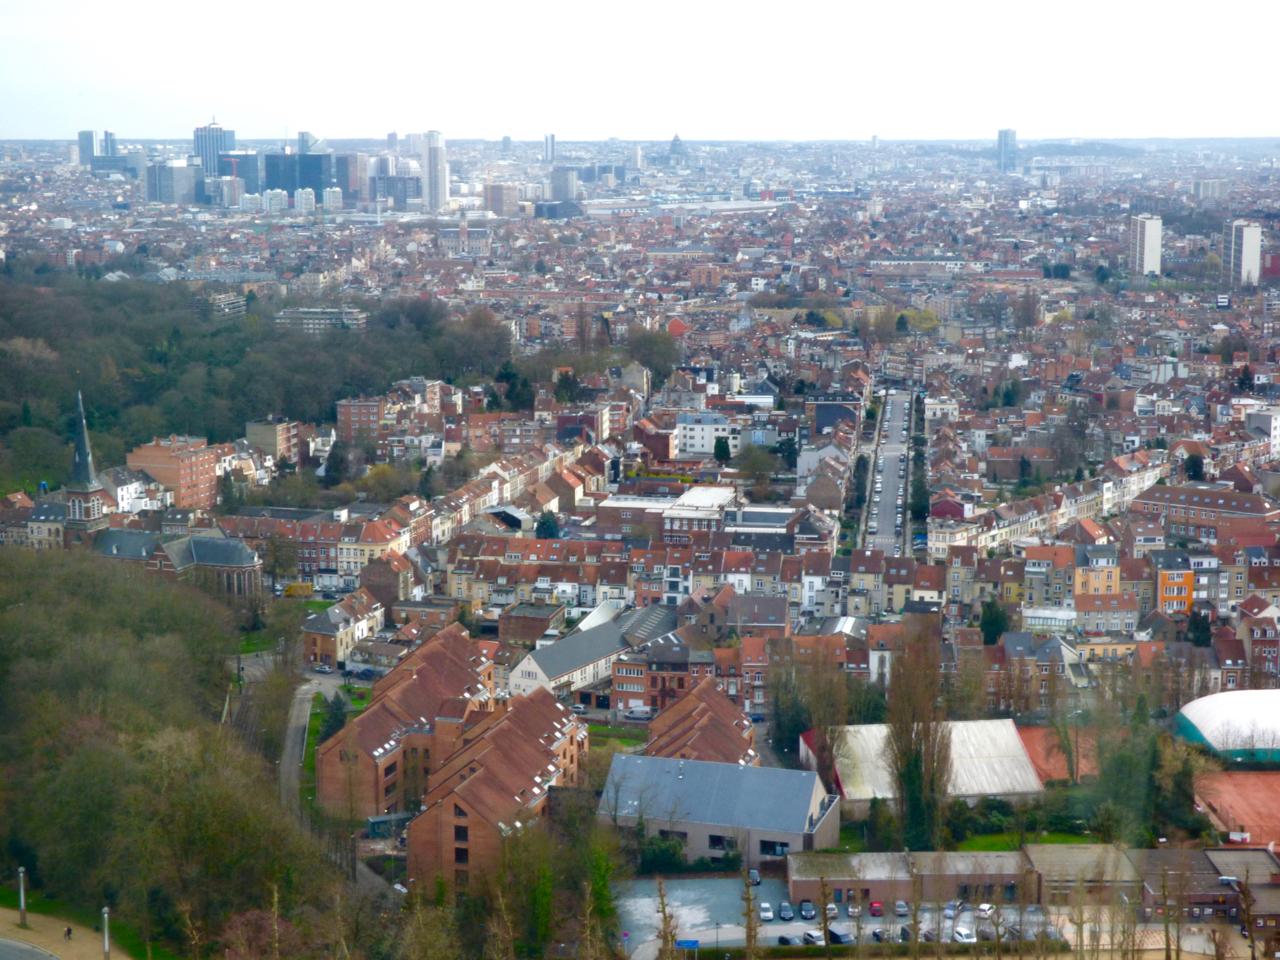 Atomium Brussels, Belgium view